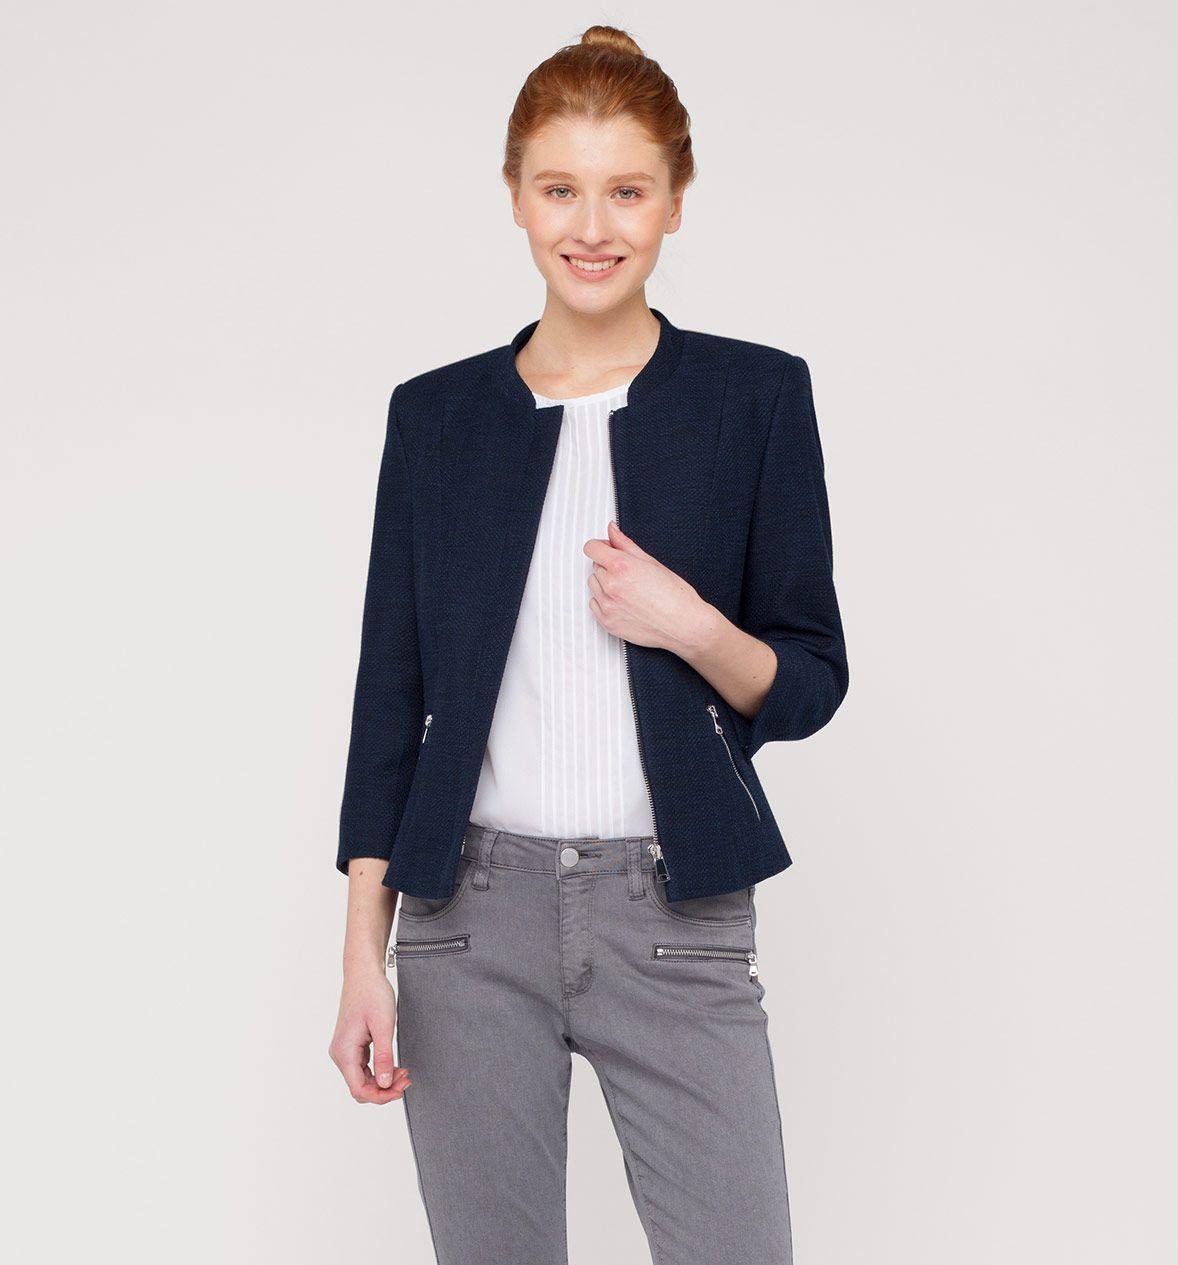 blazer in dunkelblau | blazer, mode, tuch